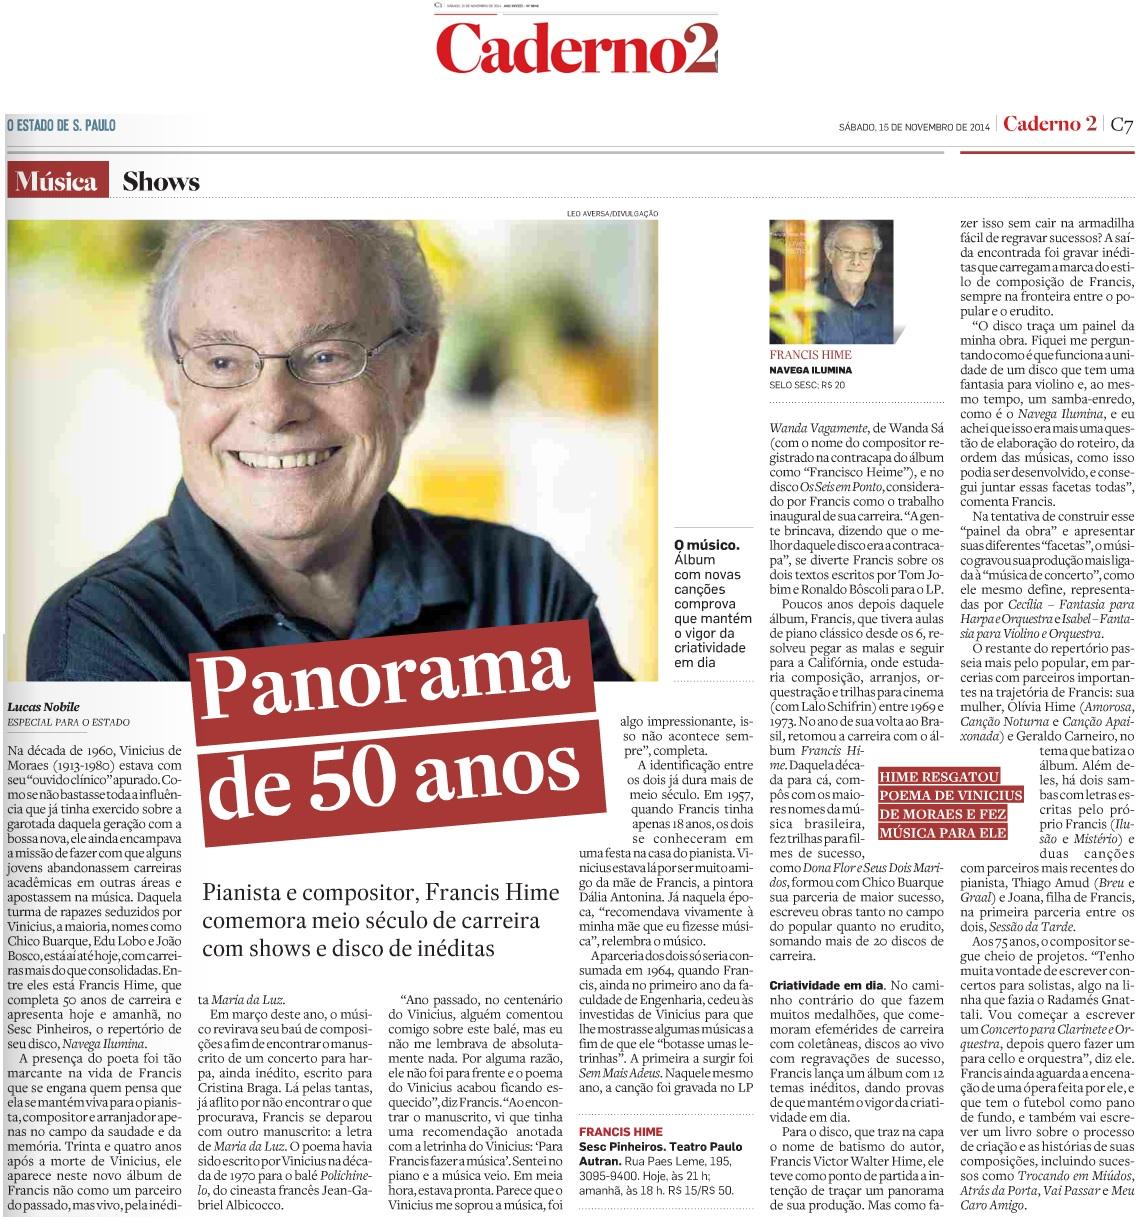 O Estado de S. Paulo - Caderno 2 - 15.11.2014